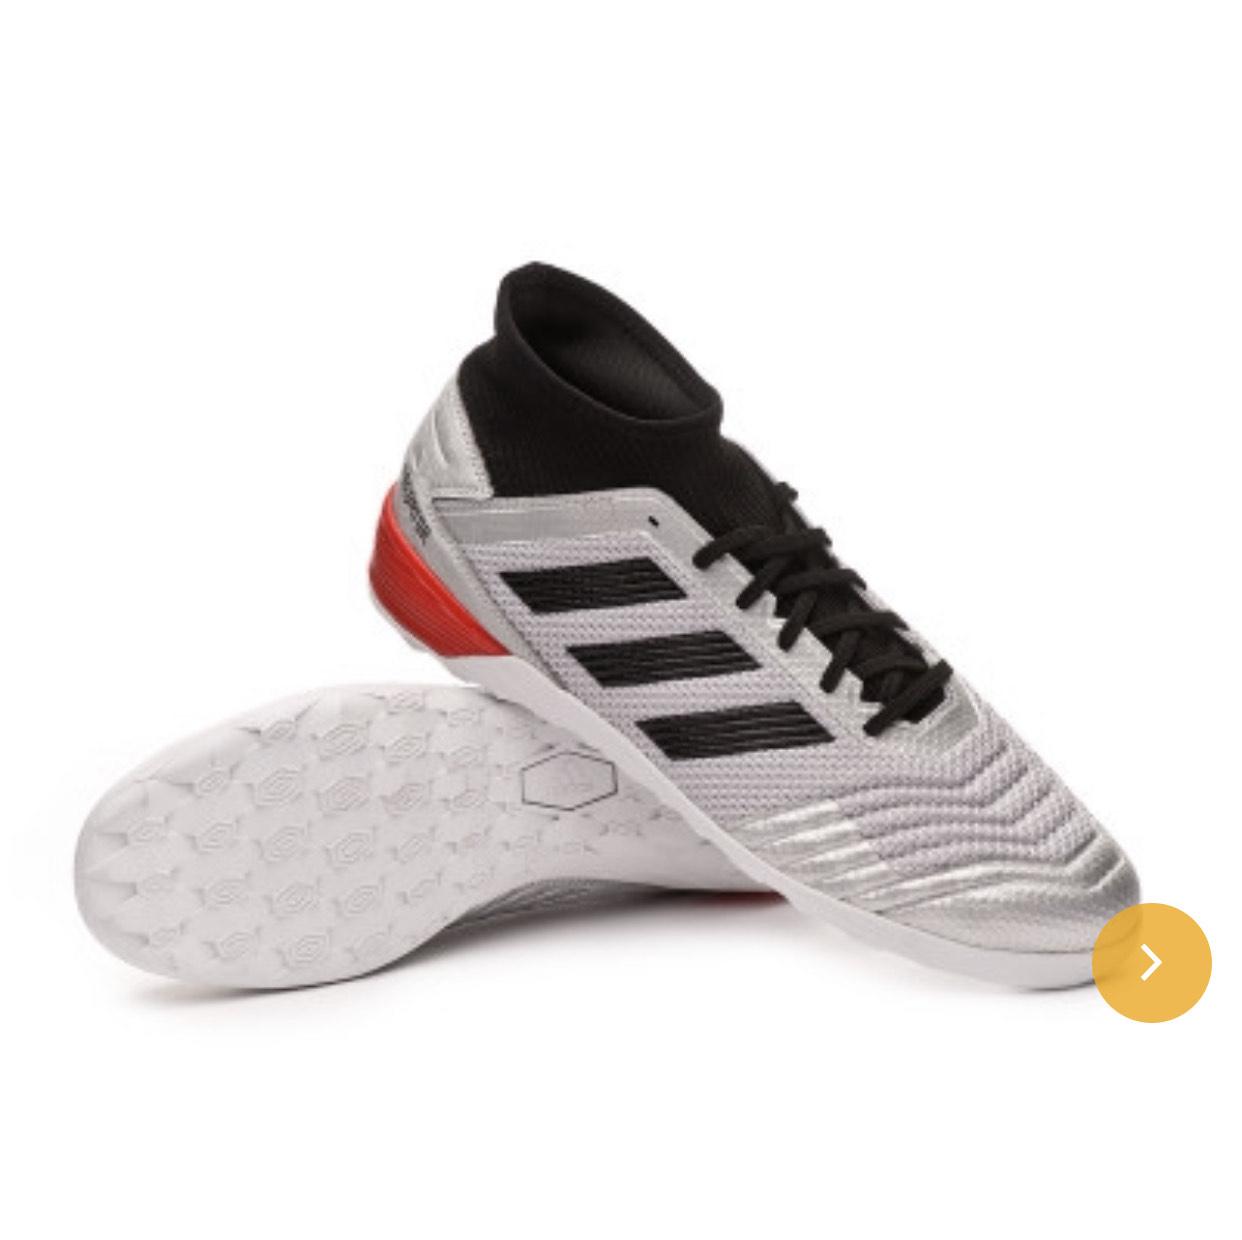 Zapatillas futsal con descuentos de hasta 40% + cupón extra del 7%